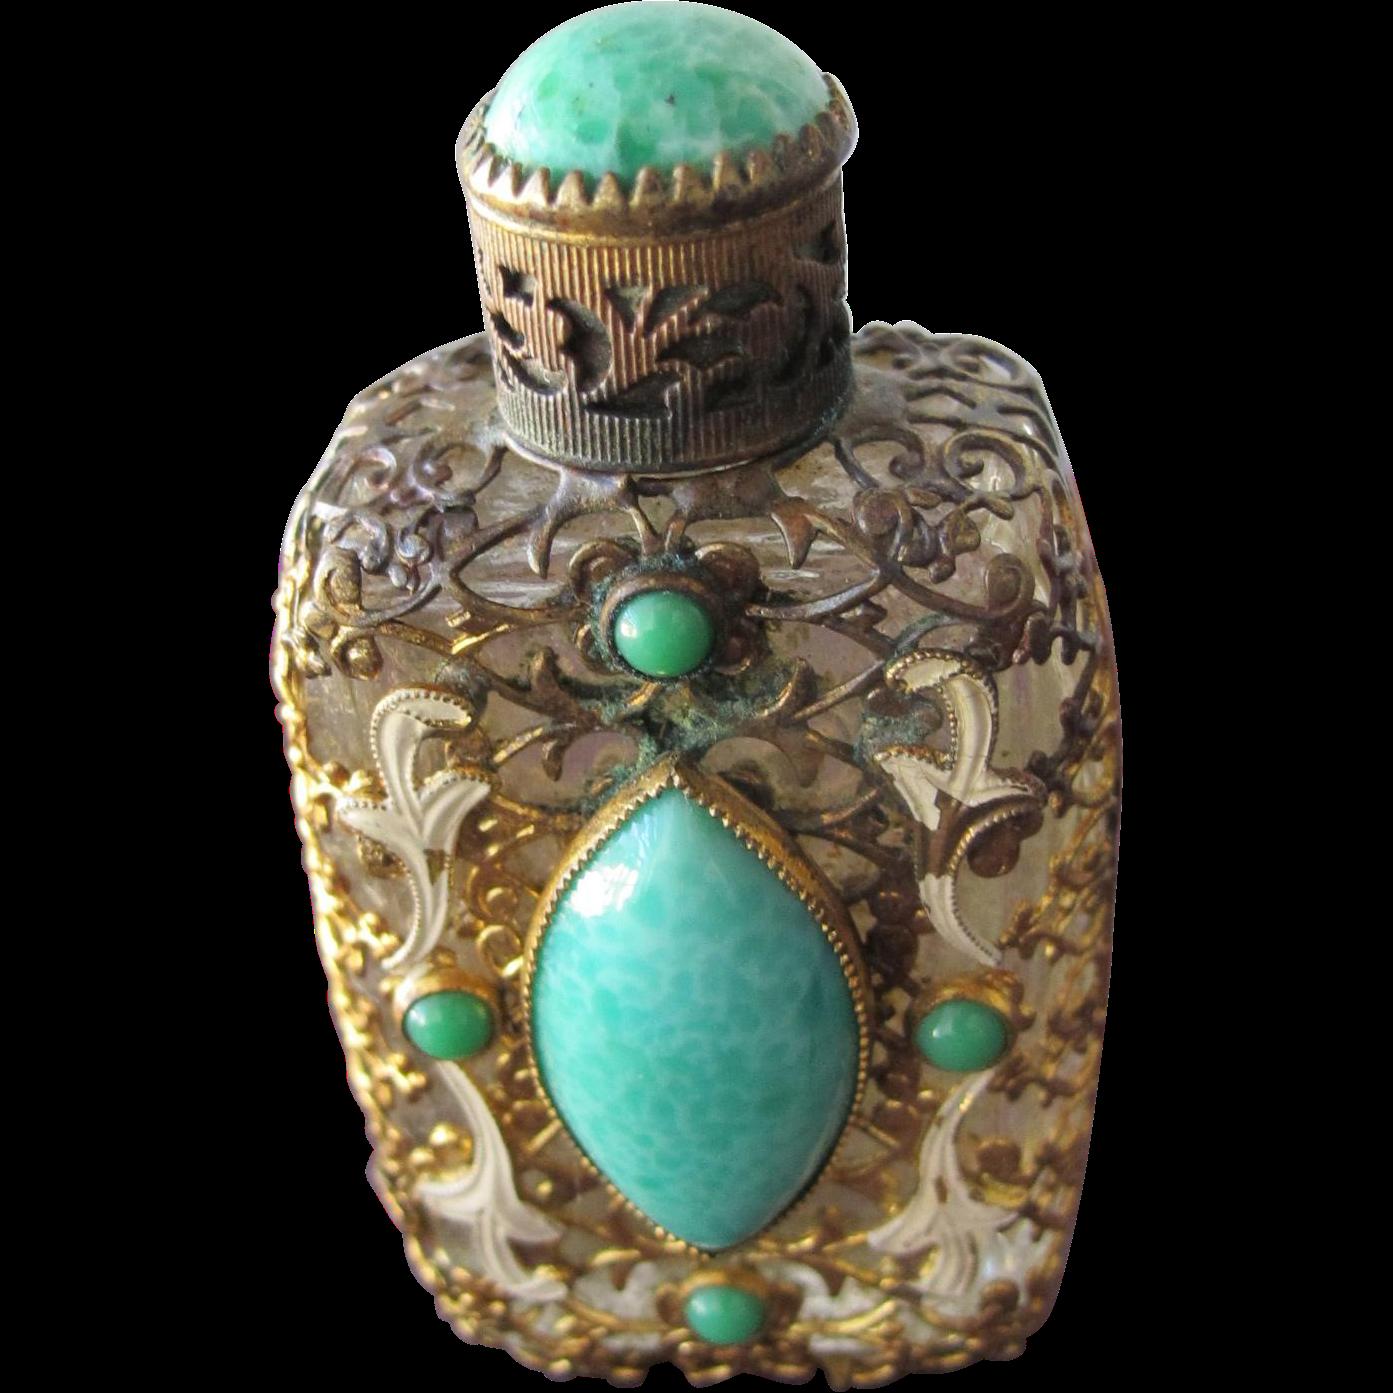 Czechoslovakian Perfume Bottle Jeweled Faux Jade Stones Filigree Enamel